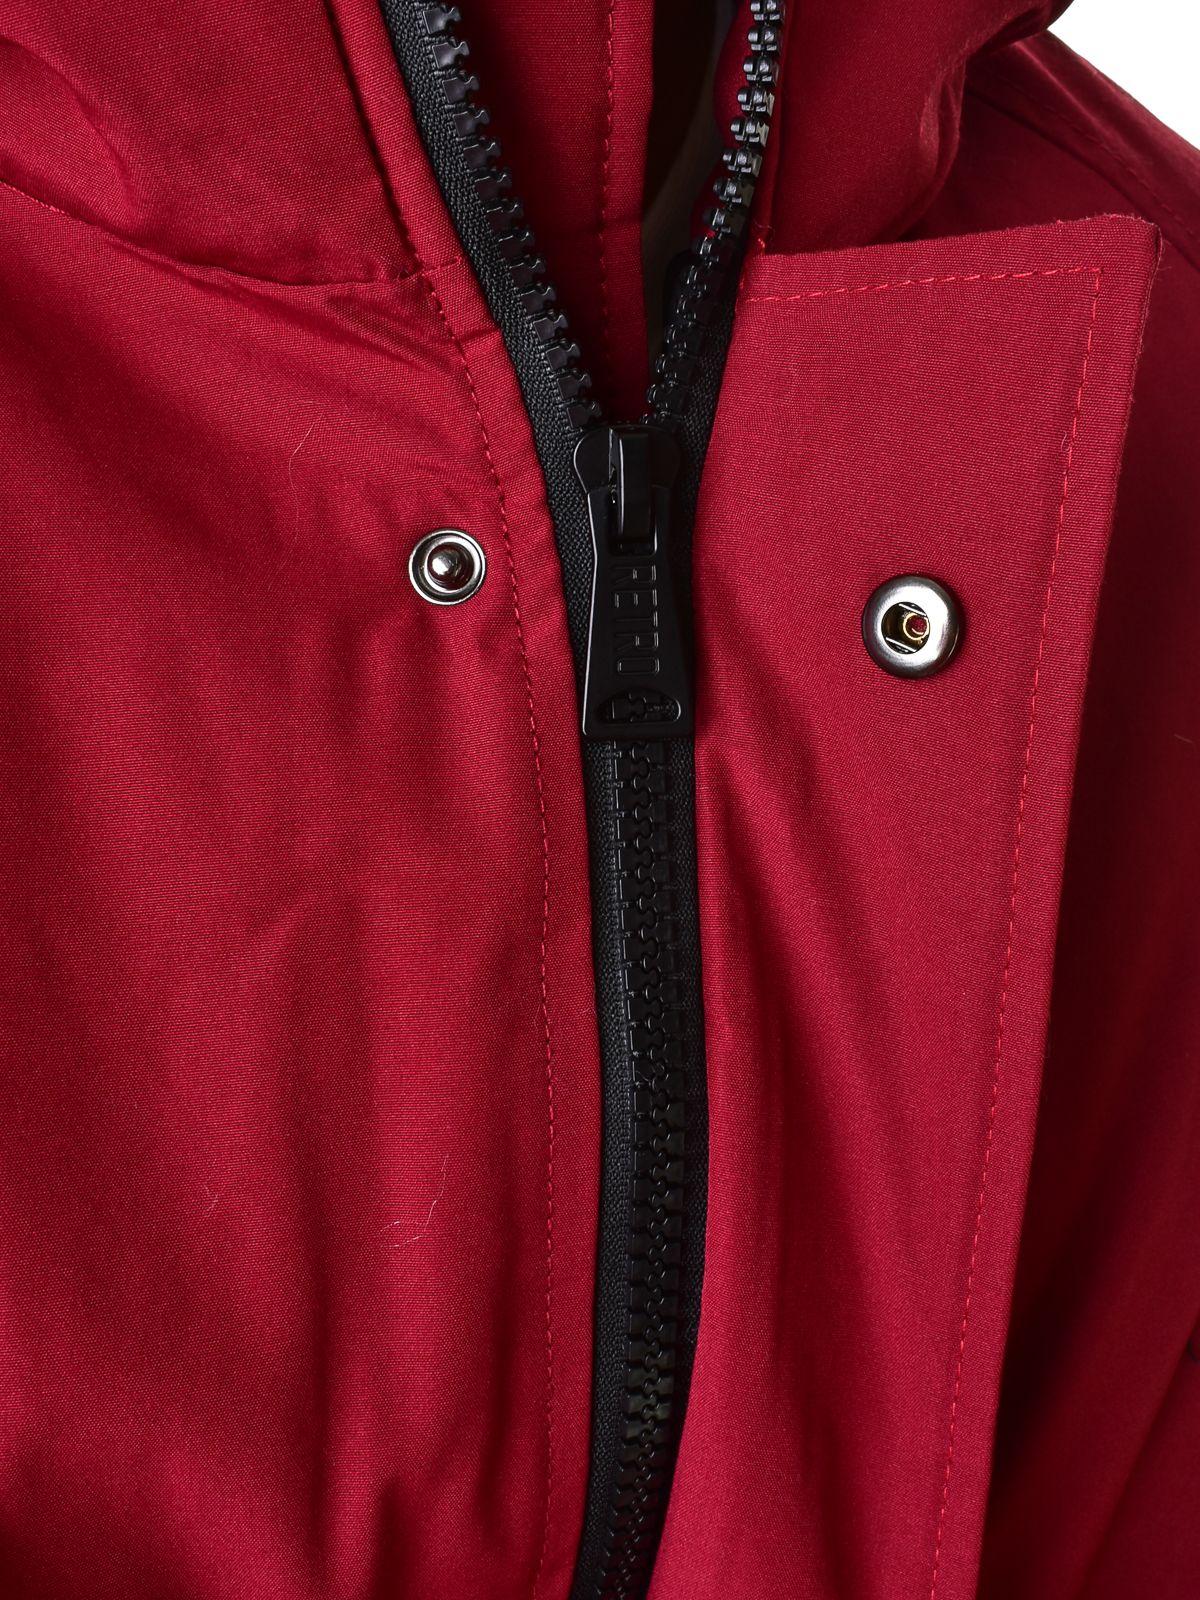 ... Retro Jeans férfi kabát NAUTICAL JACKET ... cf1a0aa31f